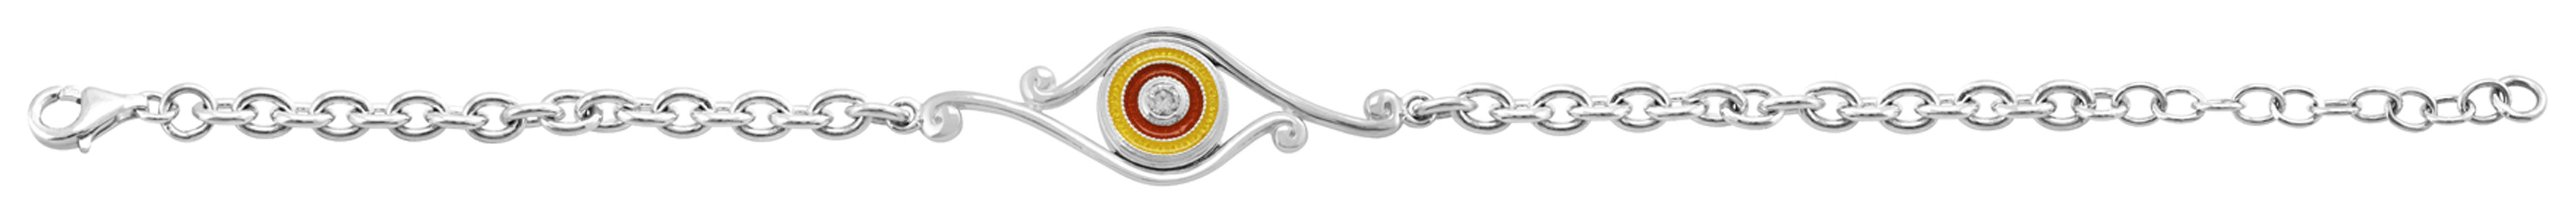 Kameleon Jewelry Sterling Silver Bracelet With Scroll KBR17